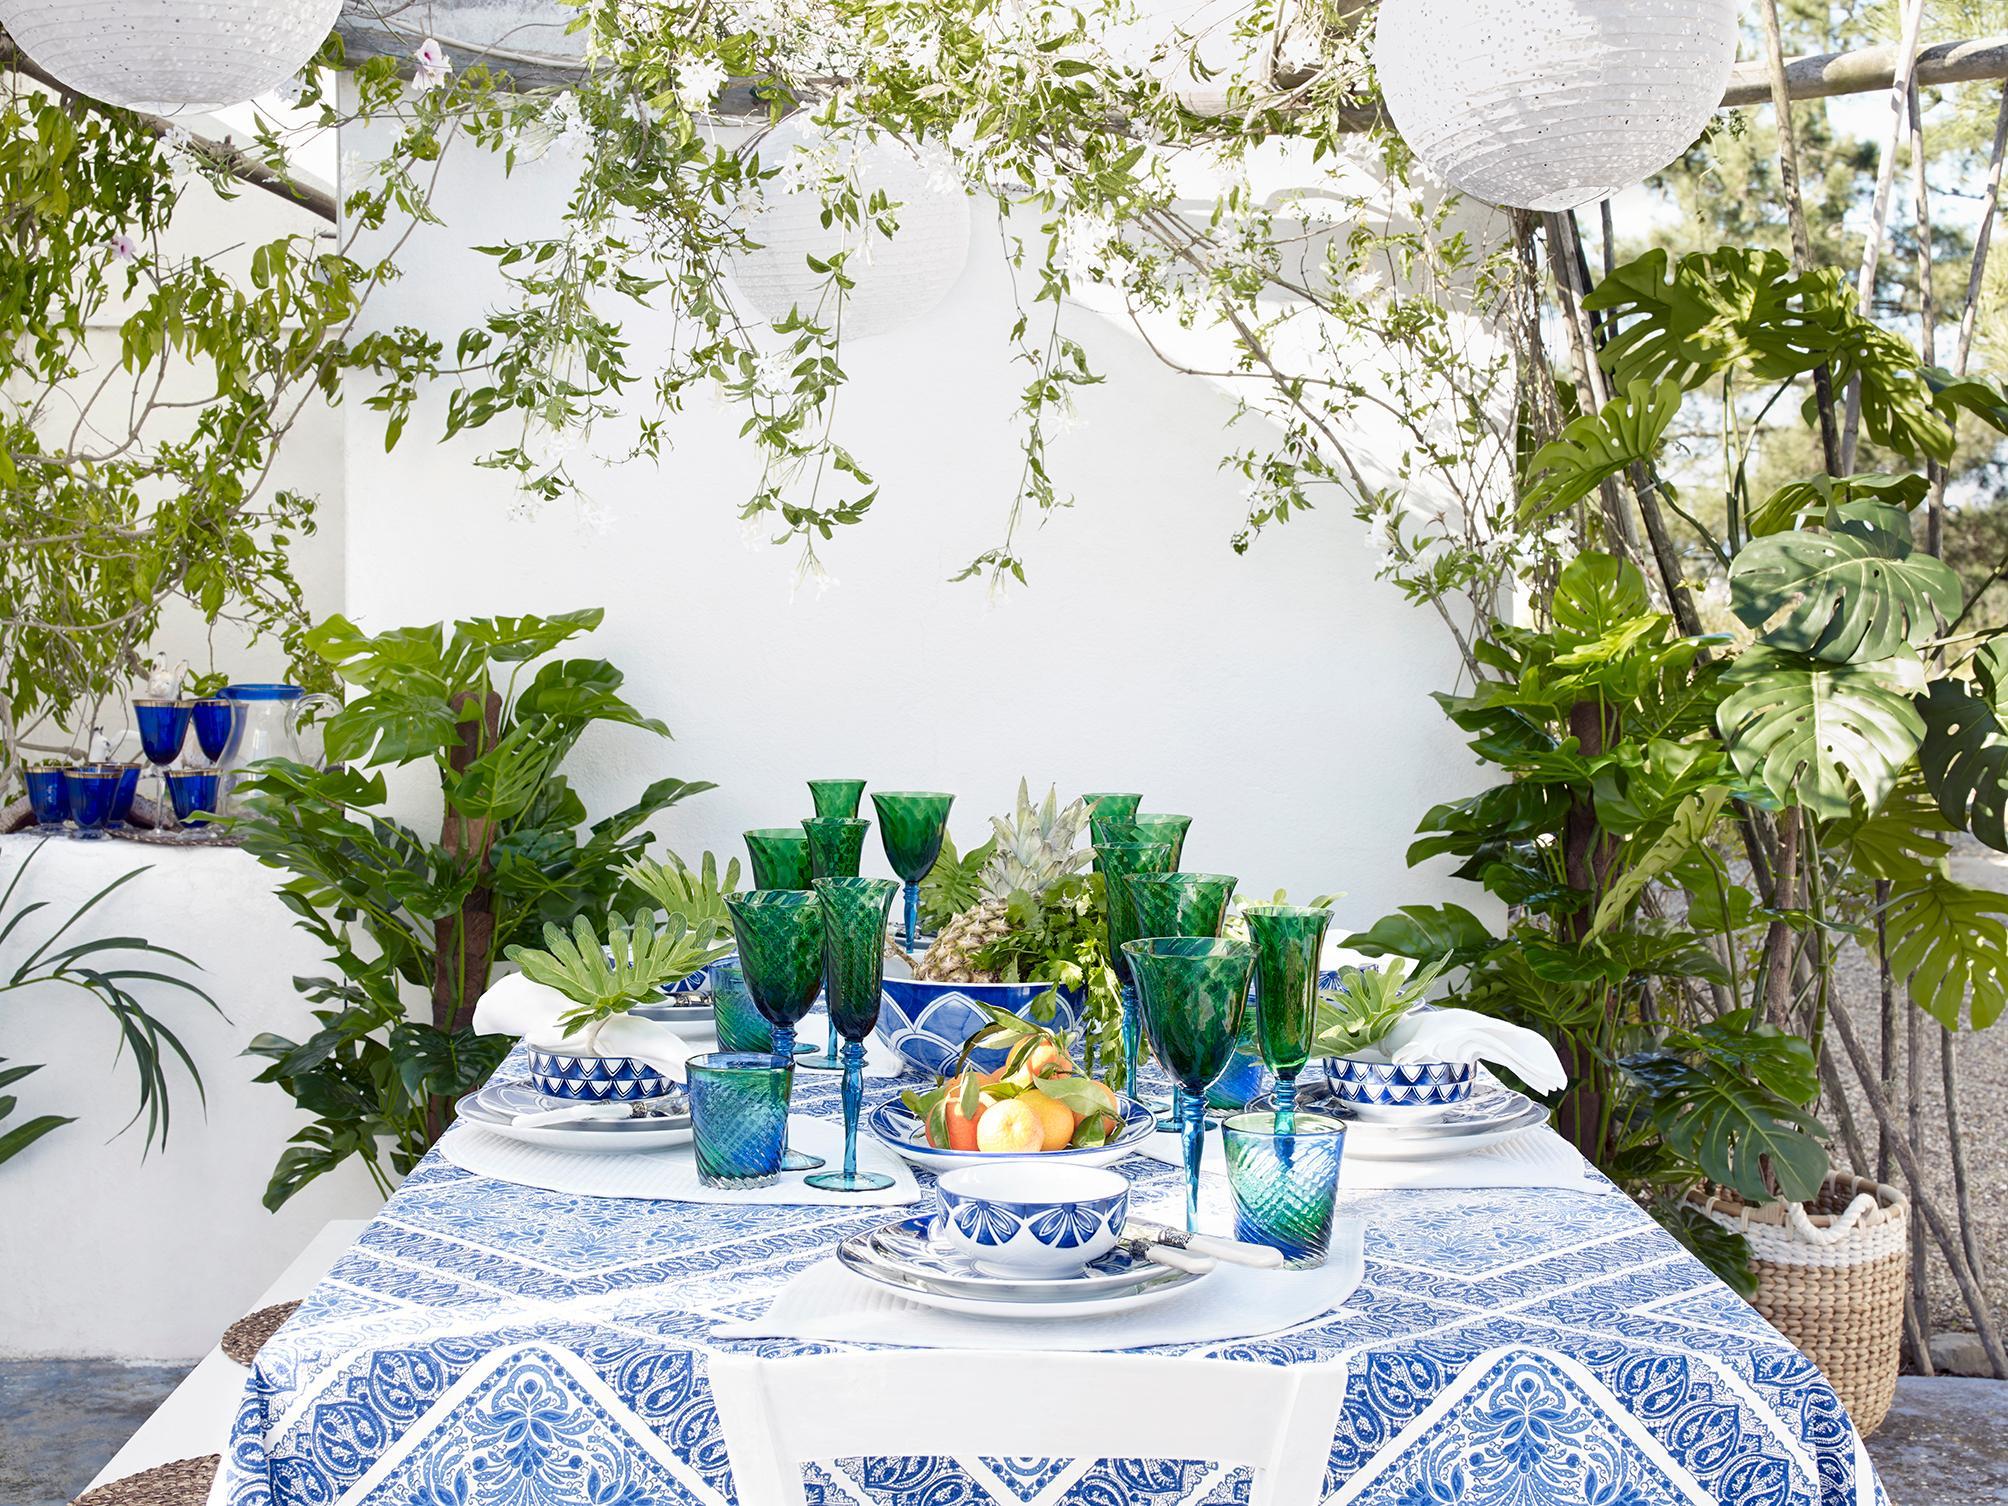 Tischdeko In Blau Und Grun Esstisch Tischdeko Zar